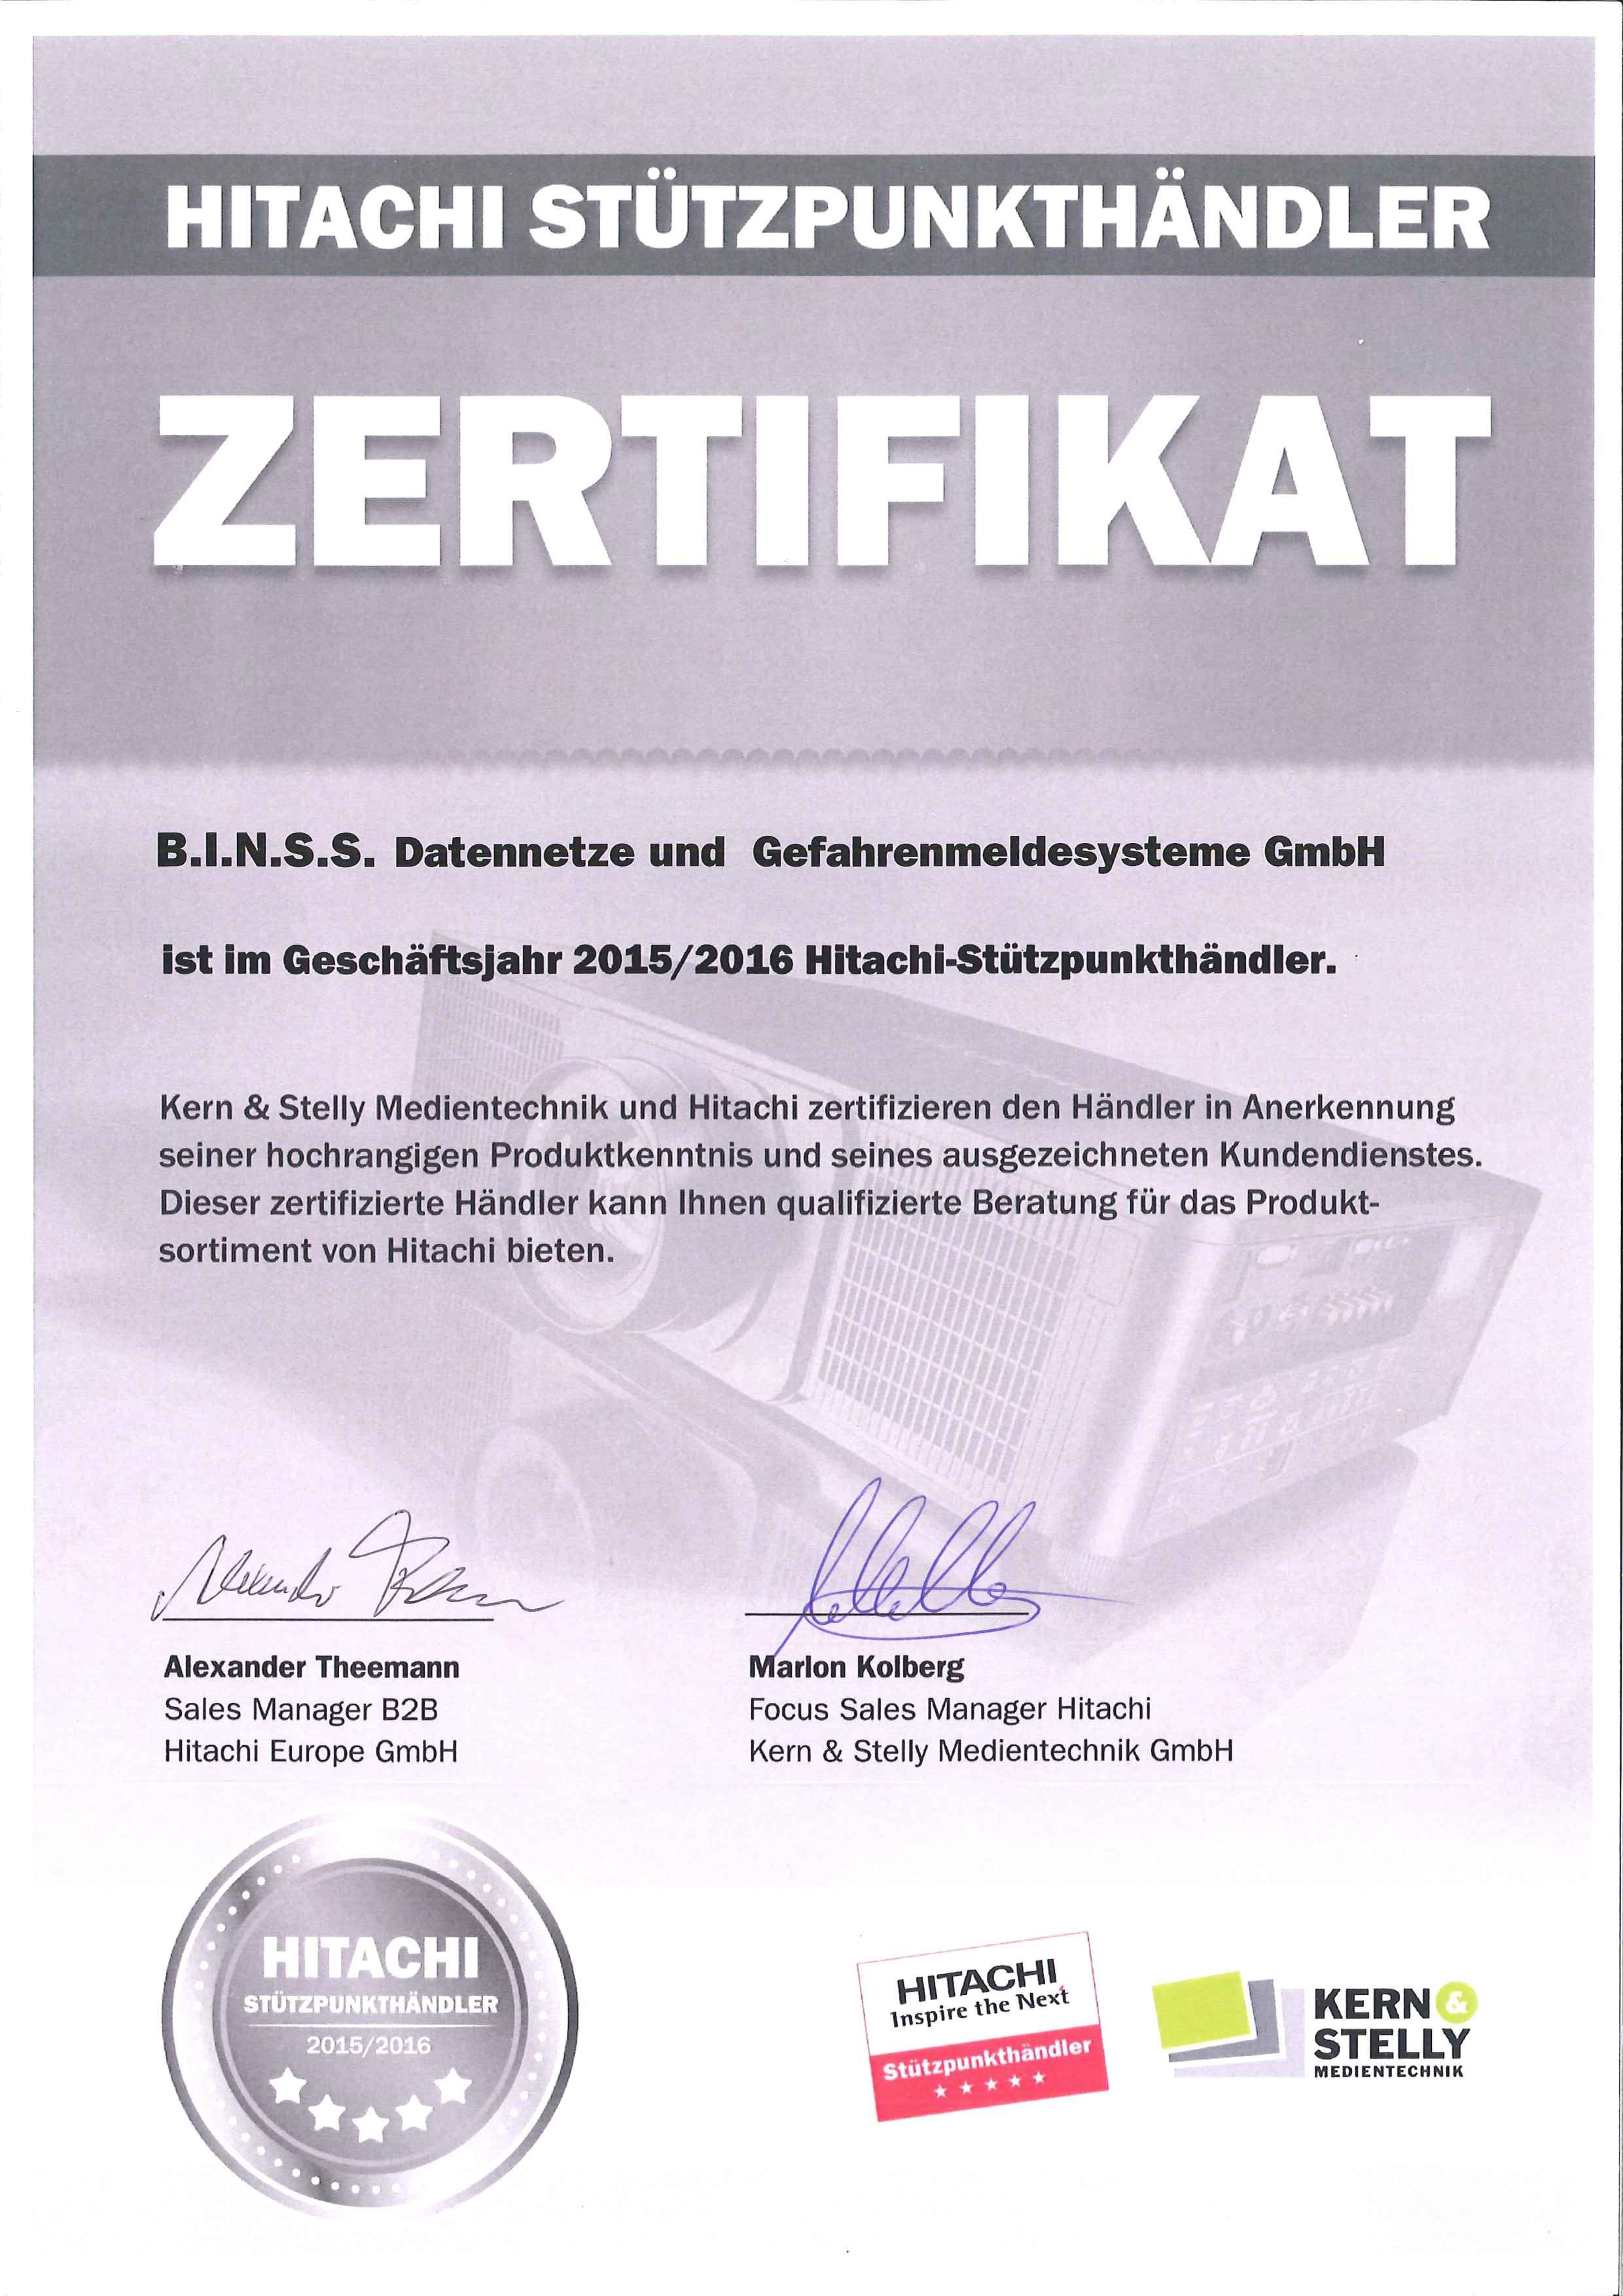 Zertifikat Hitachi Stützpunkthändler